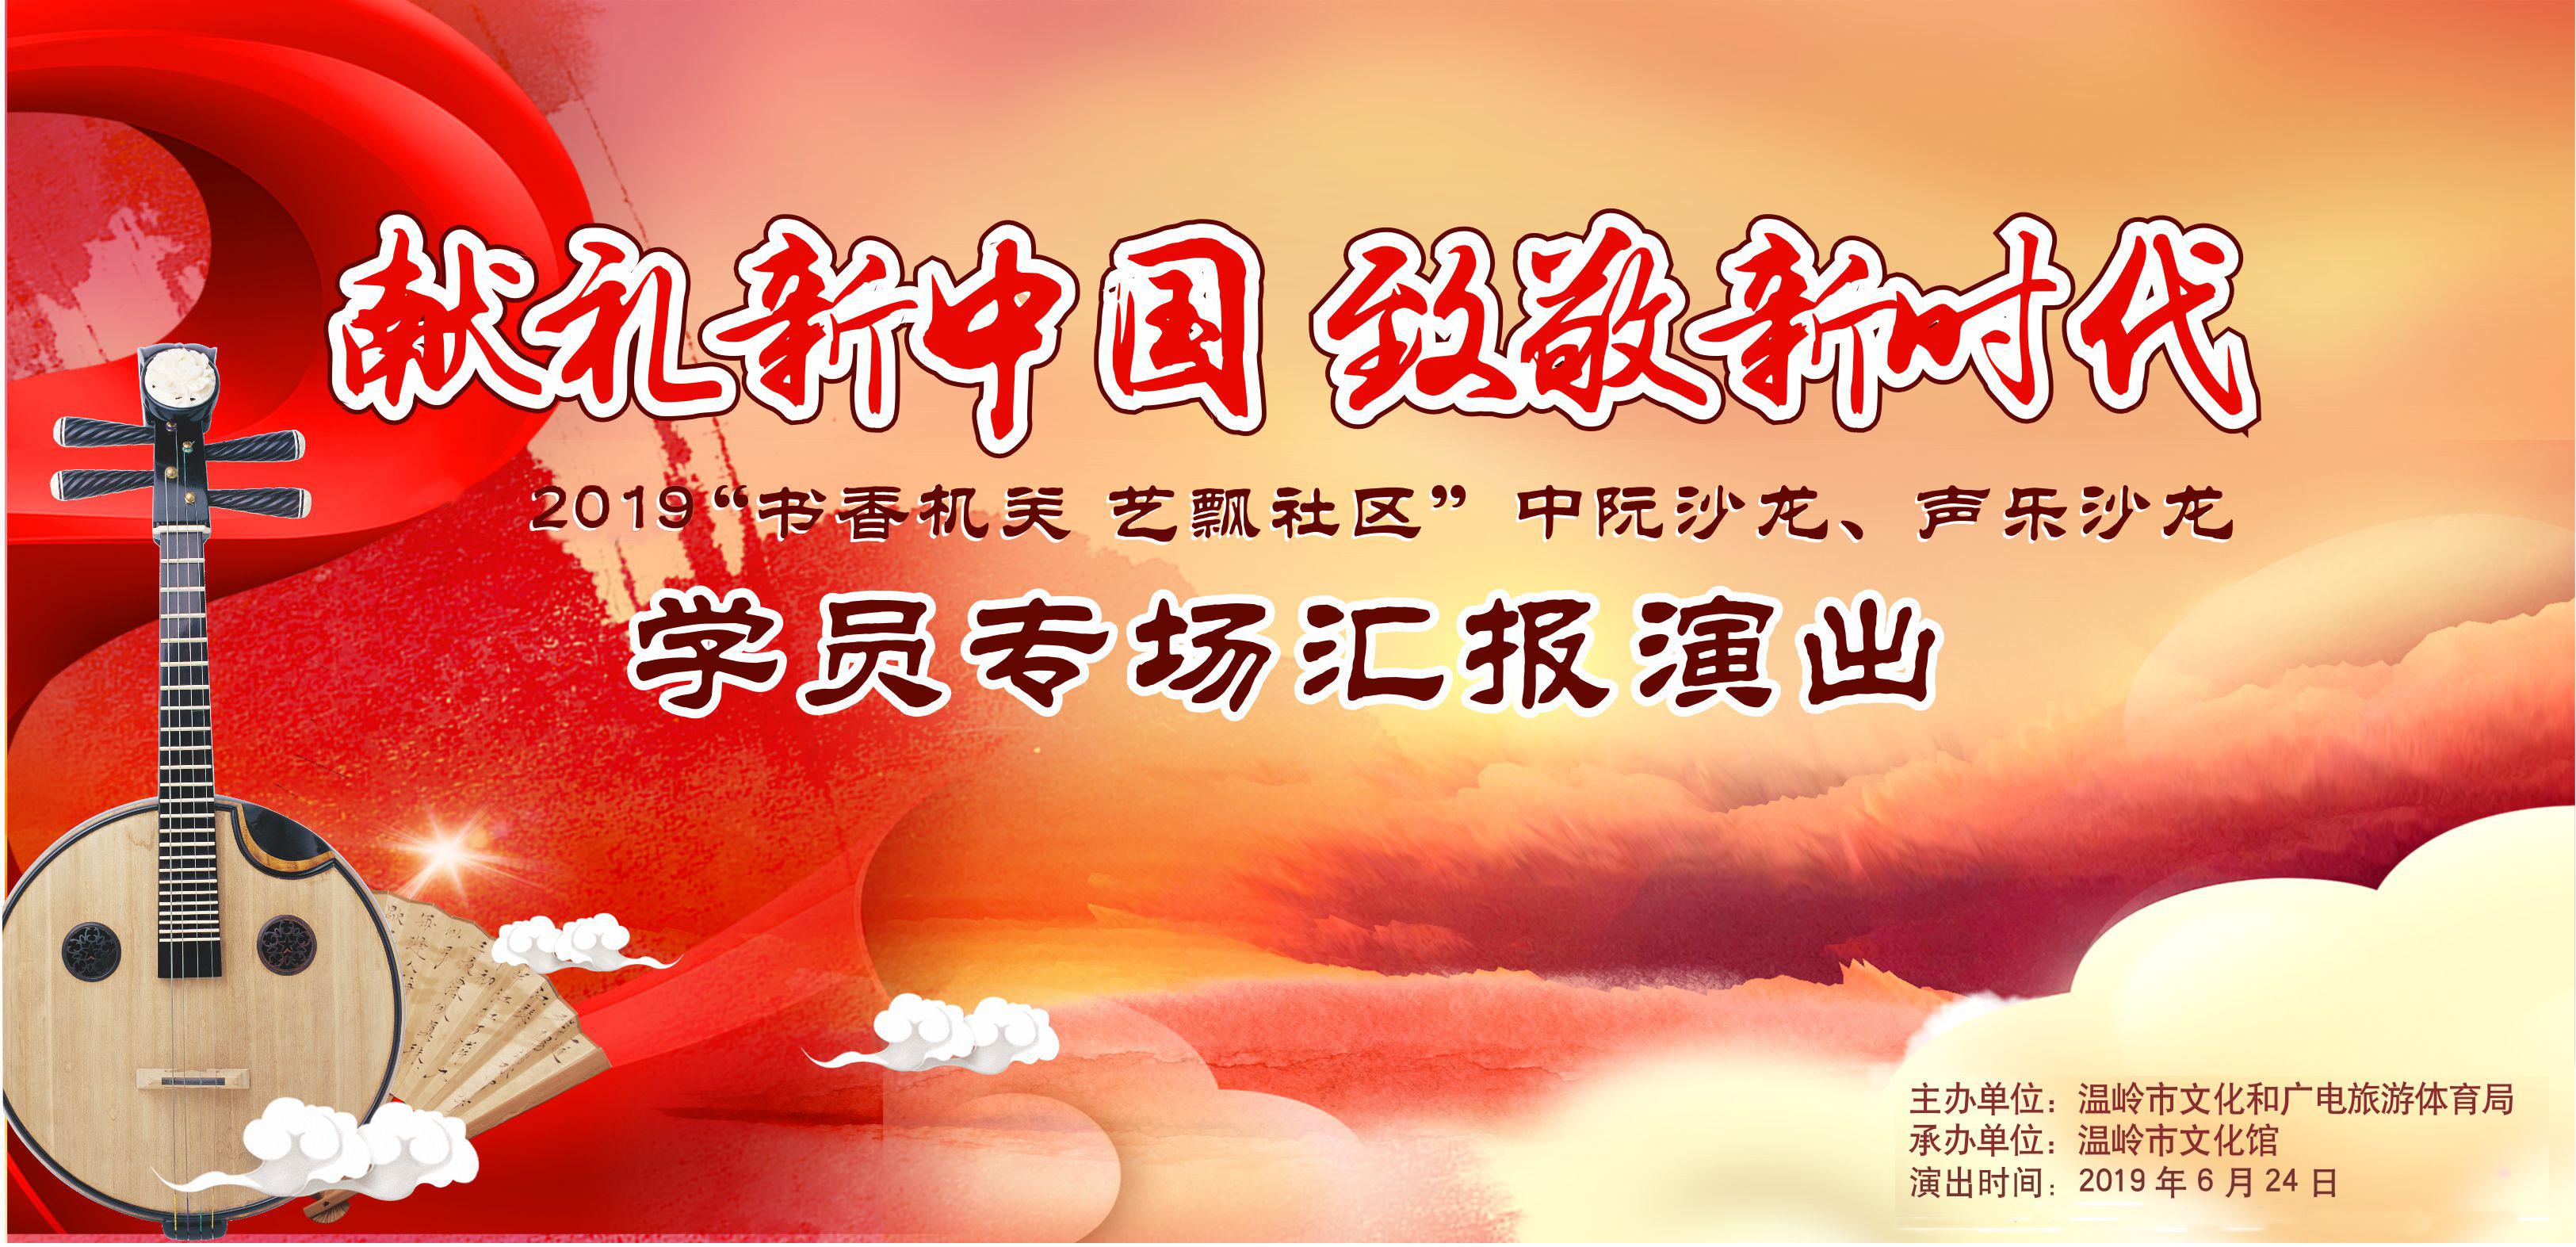 2019书香机关艺飘社区中阮沙龙声乐沙龙学员专场汇报演出